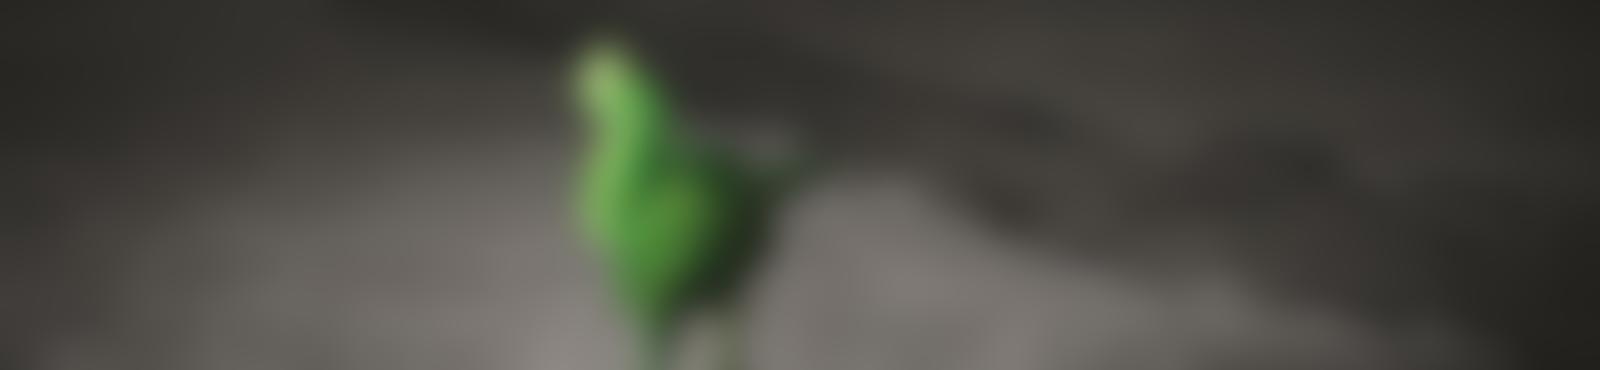 Blurred 24109004 5fc7 4a66 82aa ab7a5db90cc5